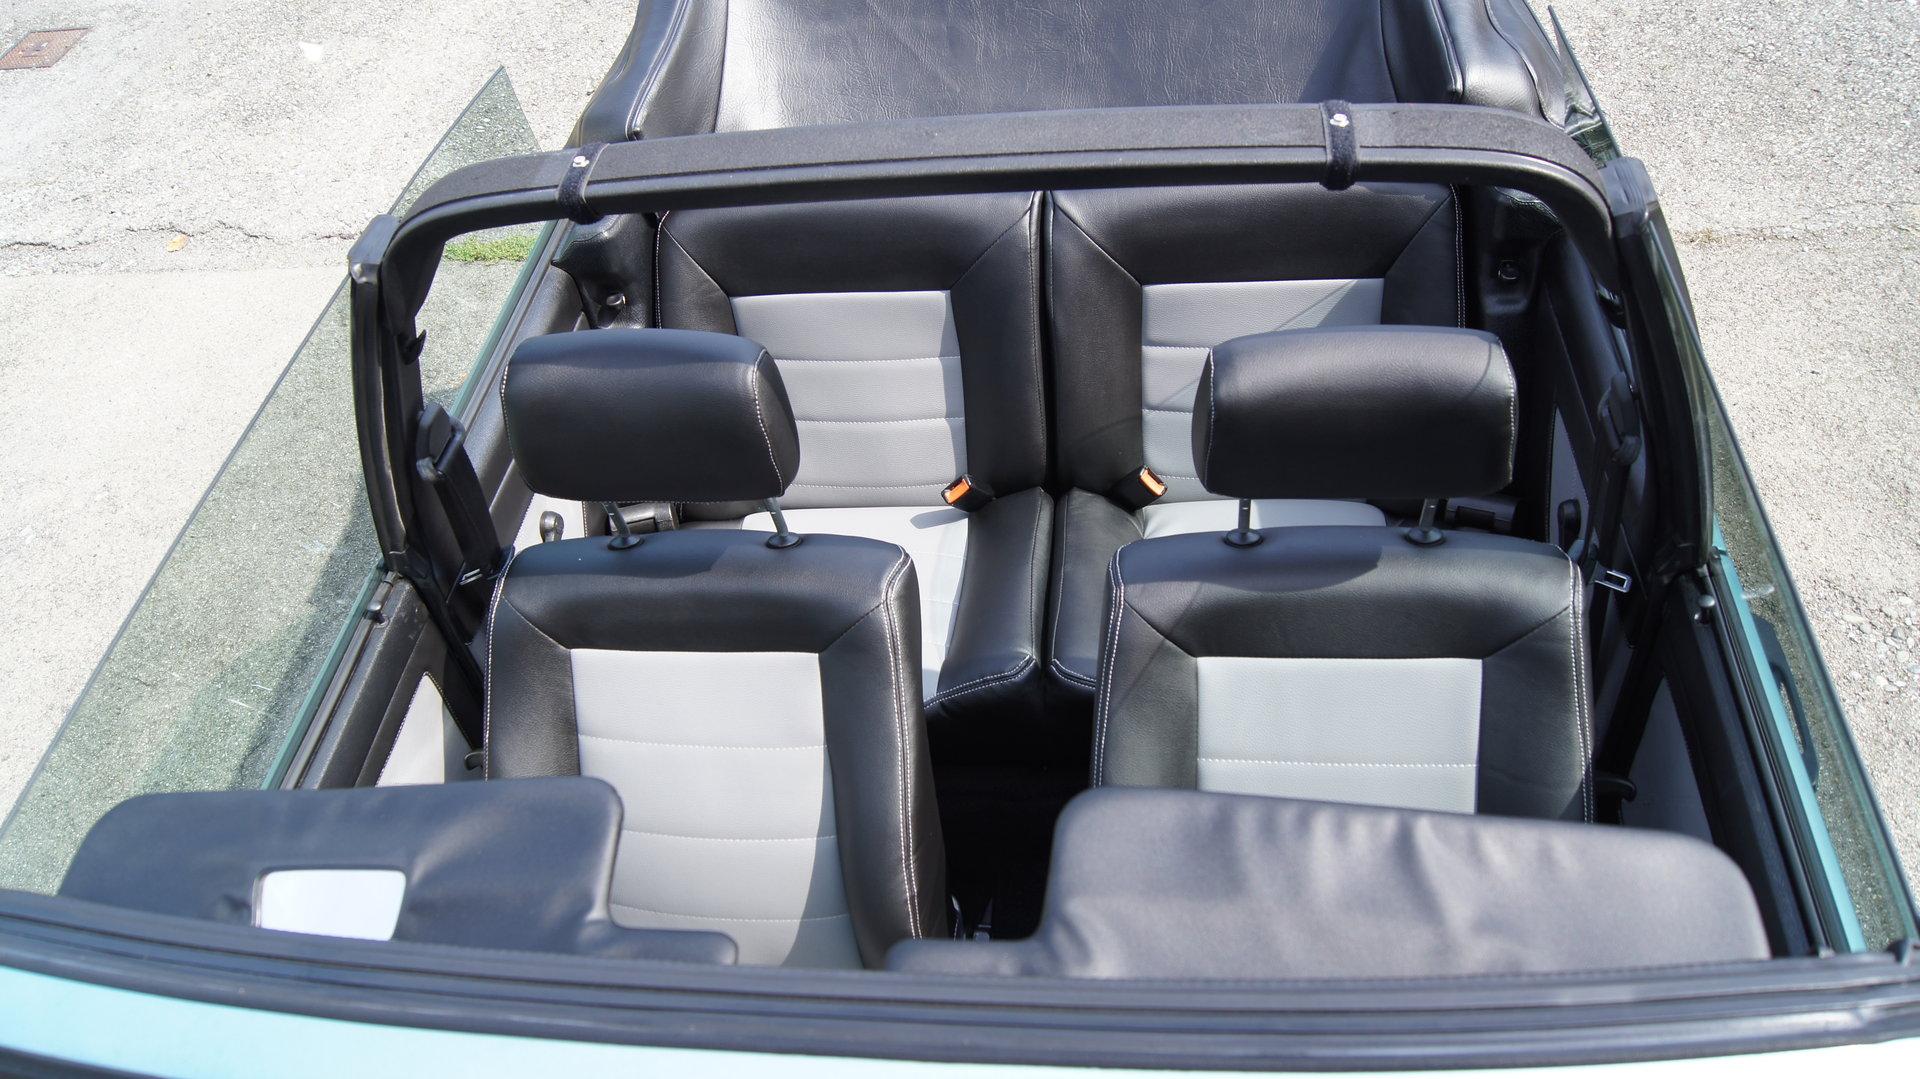 Golf 1 Cabrio Sitzbezüge inkl. Türverkleidungen in schwarz/grau